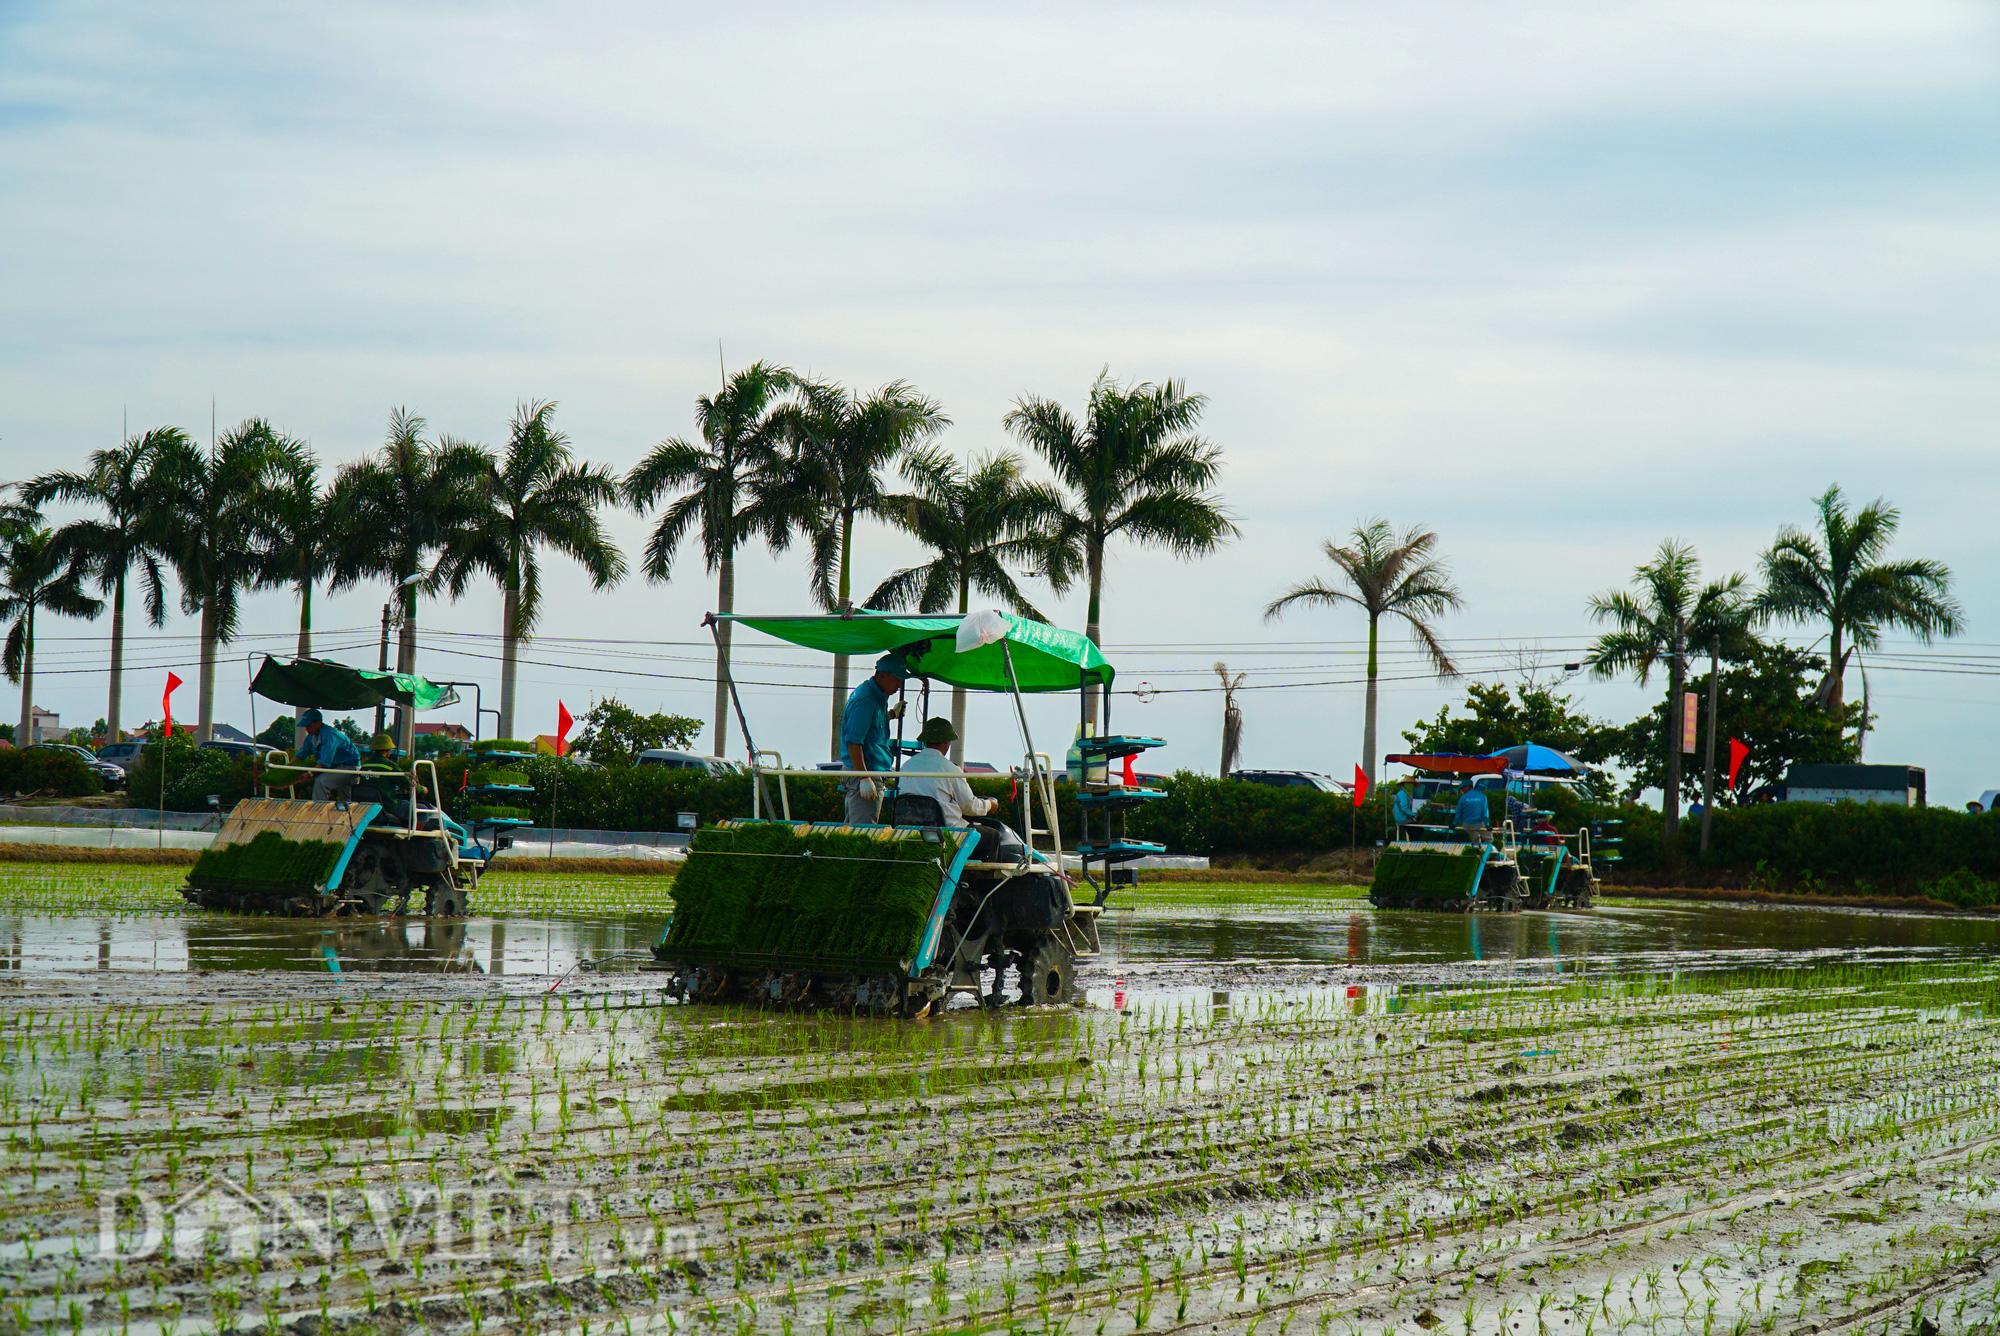 Hải Dương: Lần đầu tiên trình diễn máy cấy lúa trên đồng ruộng - Ảnh 12.